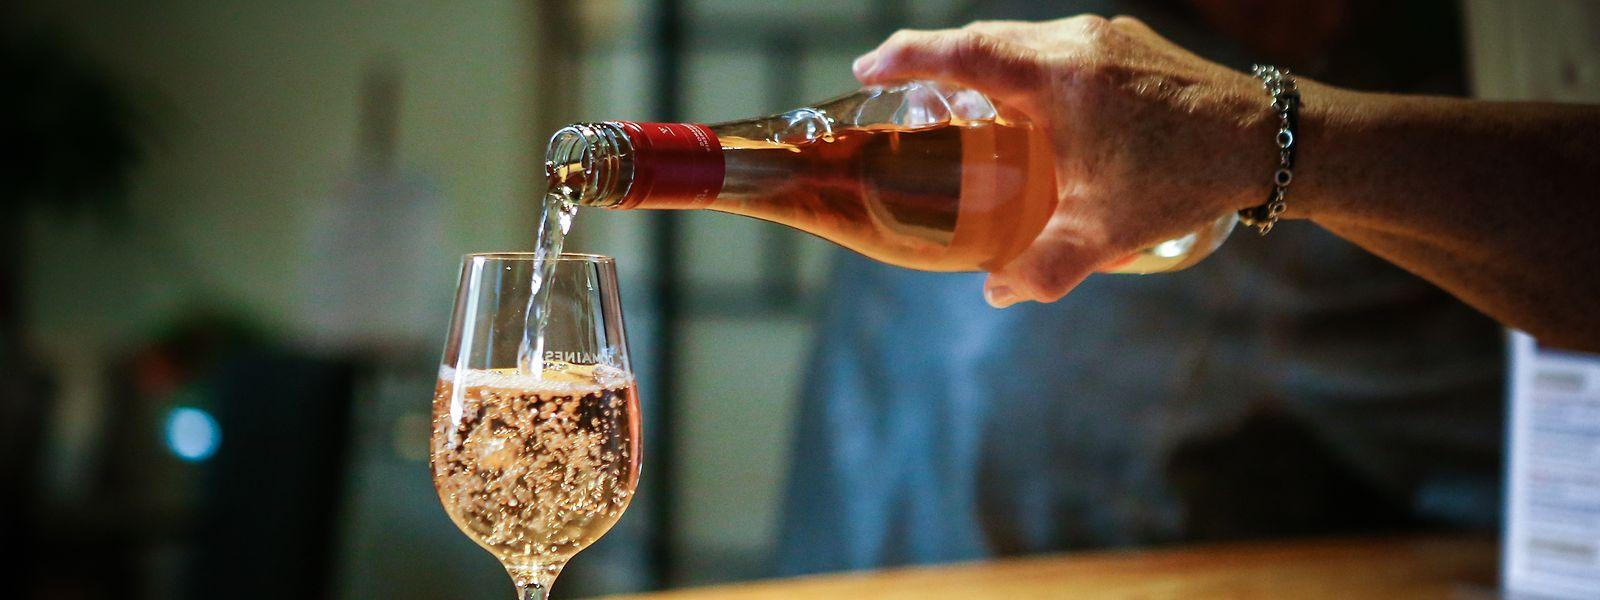 Les menus sont connus, les vins ont été choisis : vivement la dégustation à partir du 20 octobre.